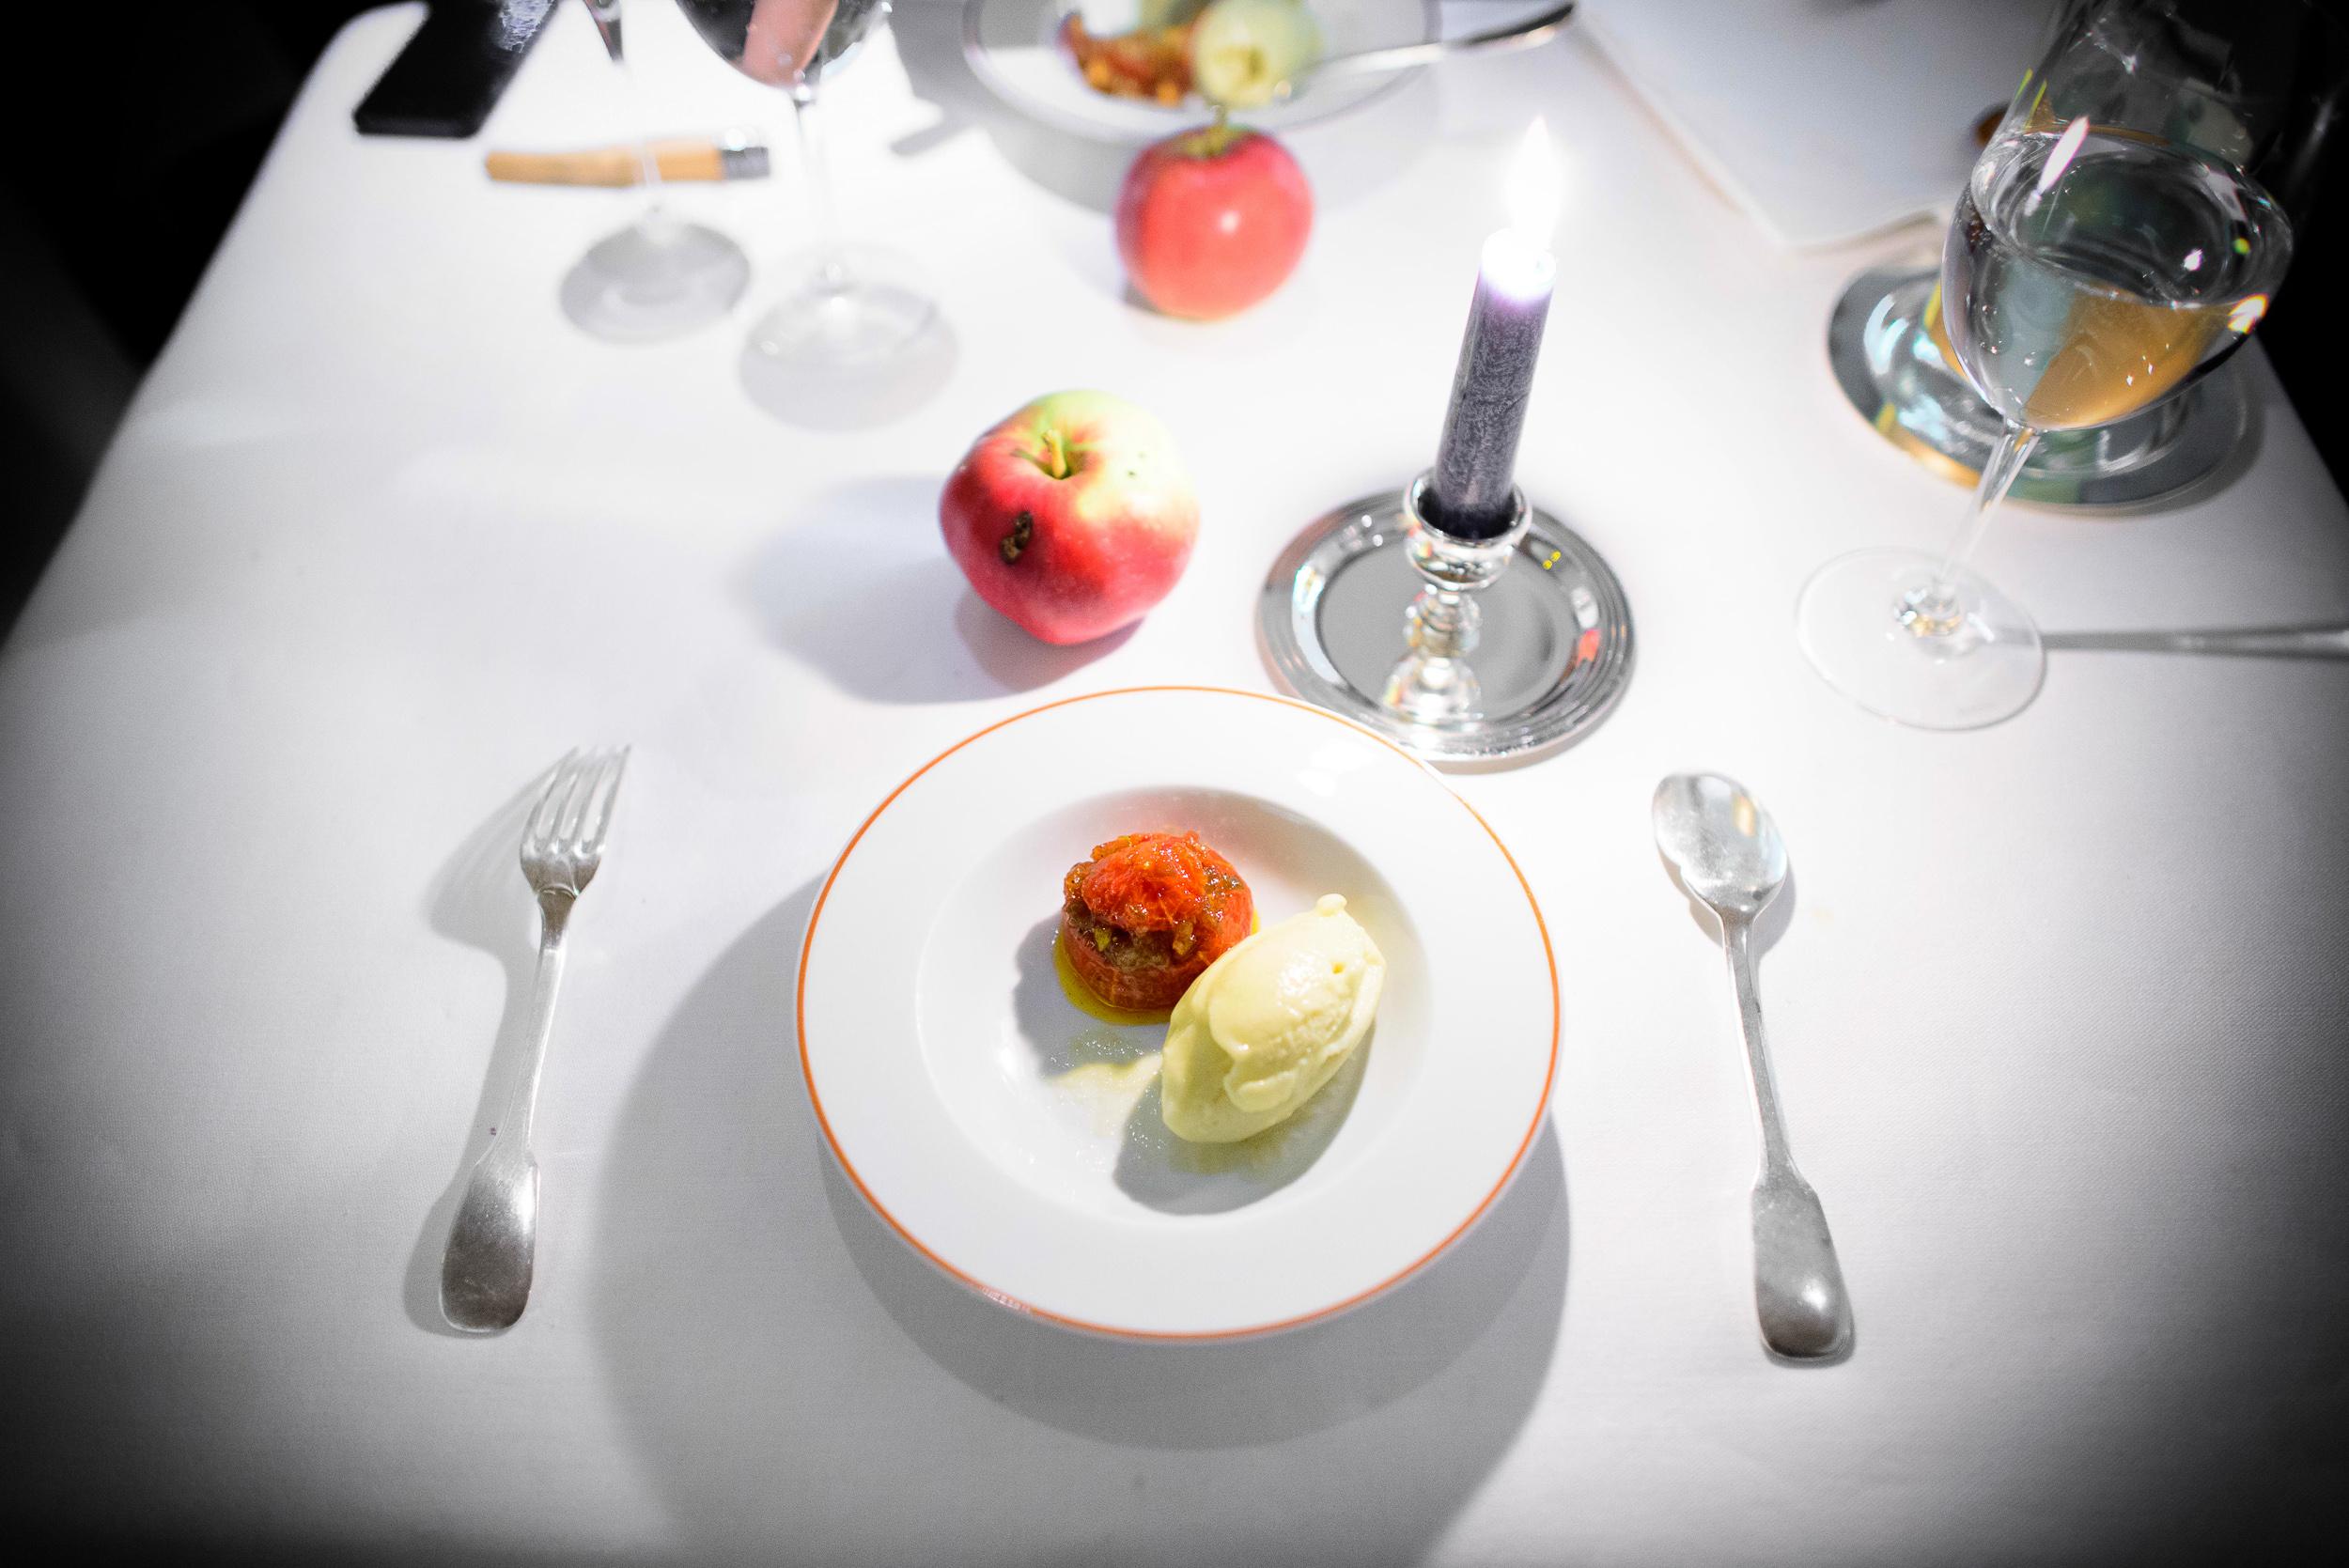 19th Course: Tomato et glacé à la rhubarbe